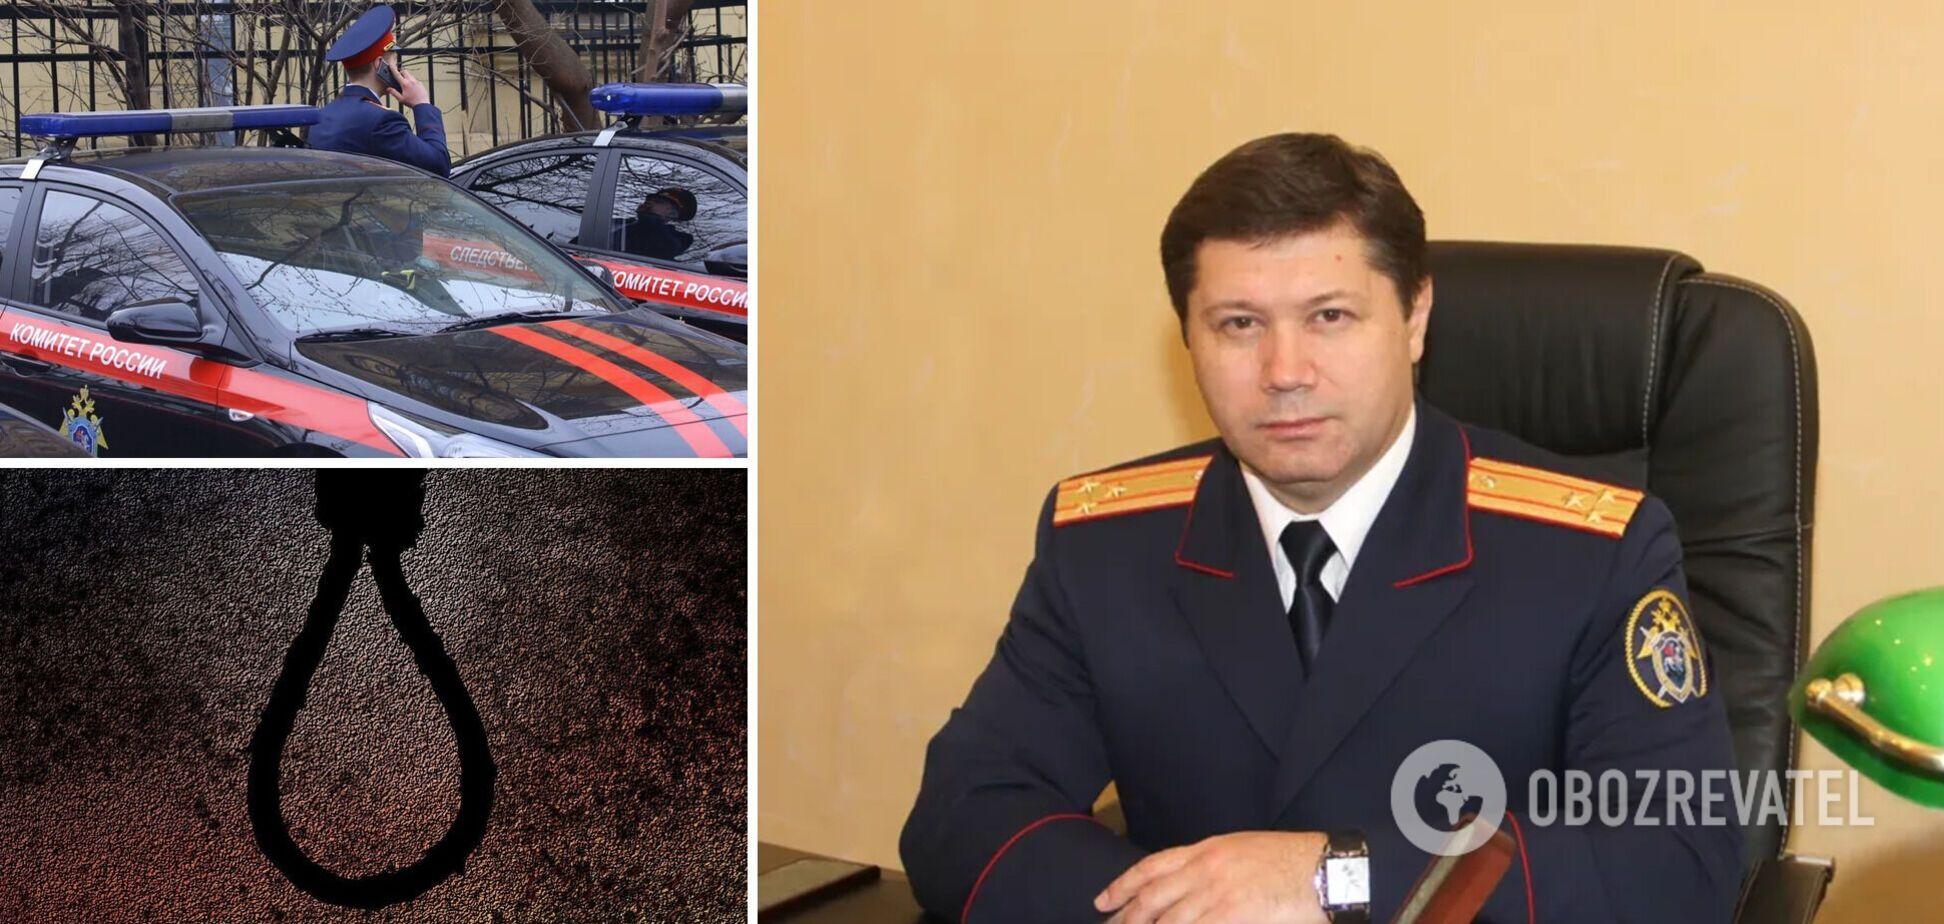 Оставил предсмертную записку: названы возможные причины самоубийства главы Следкома РФ по Пермскому краю